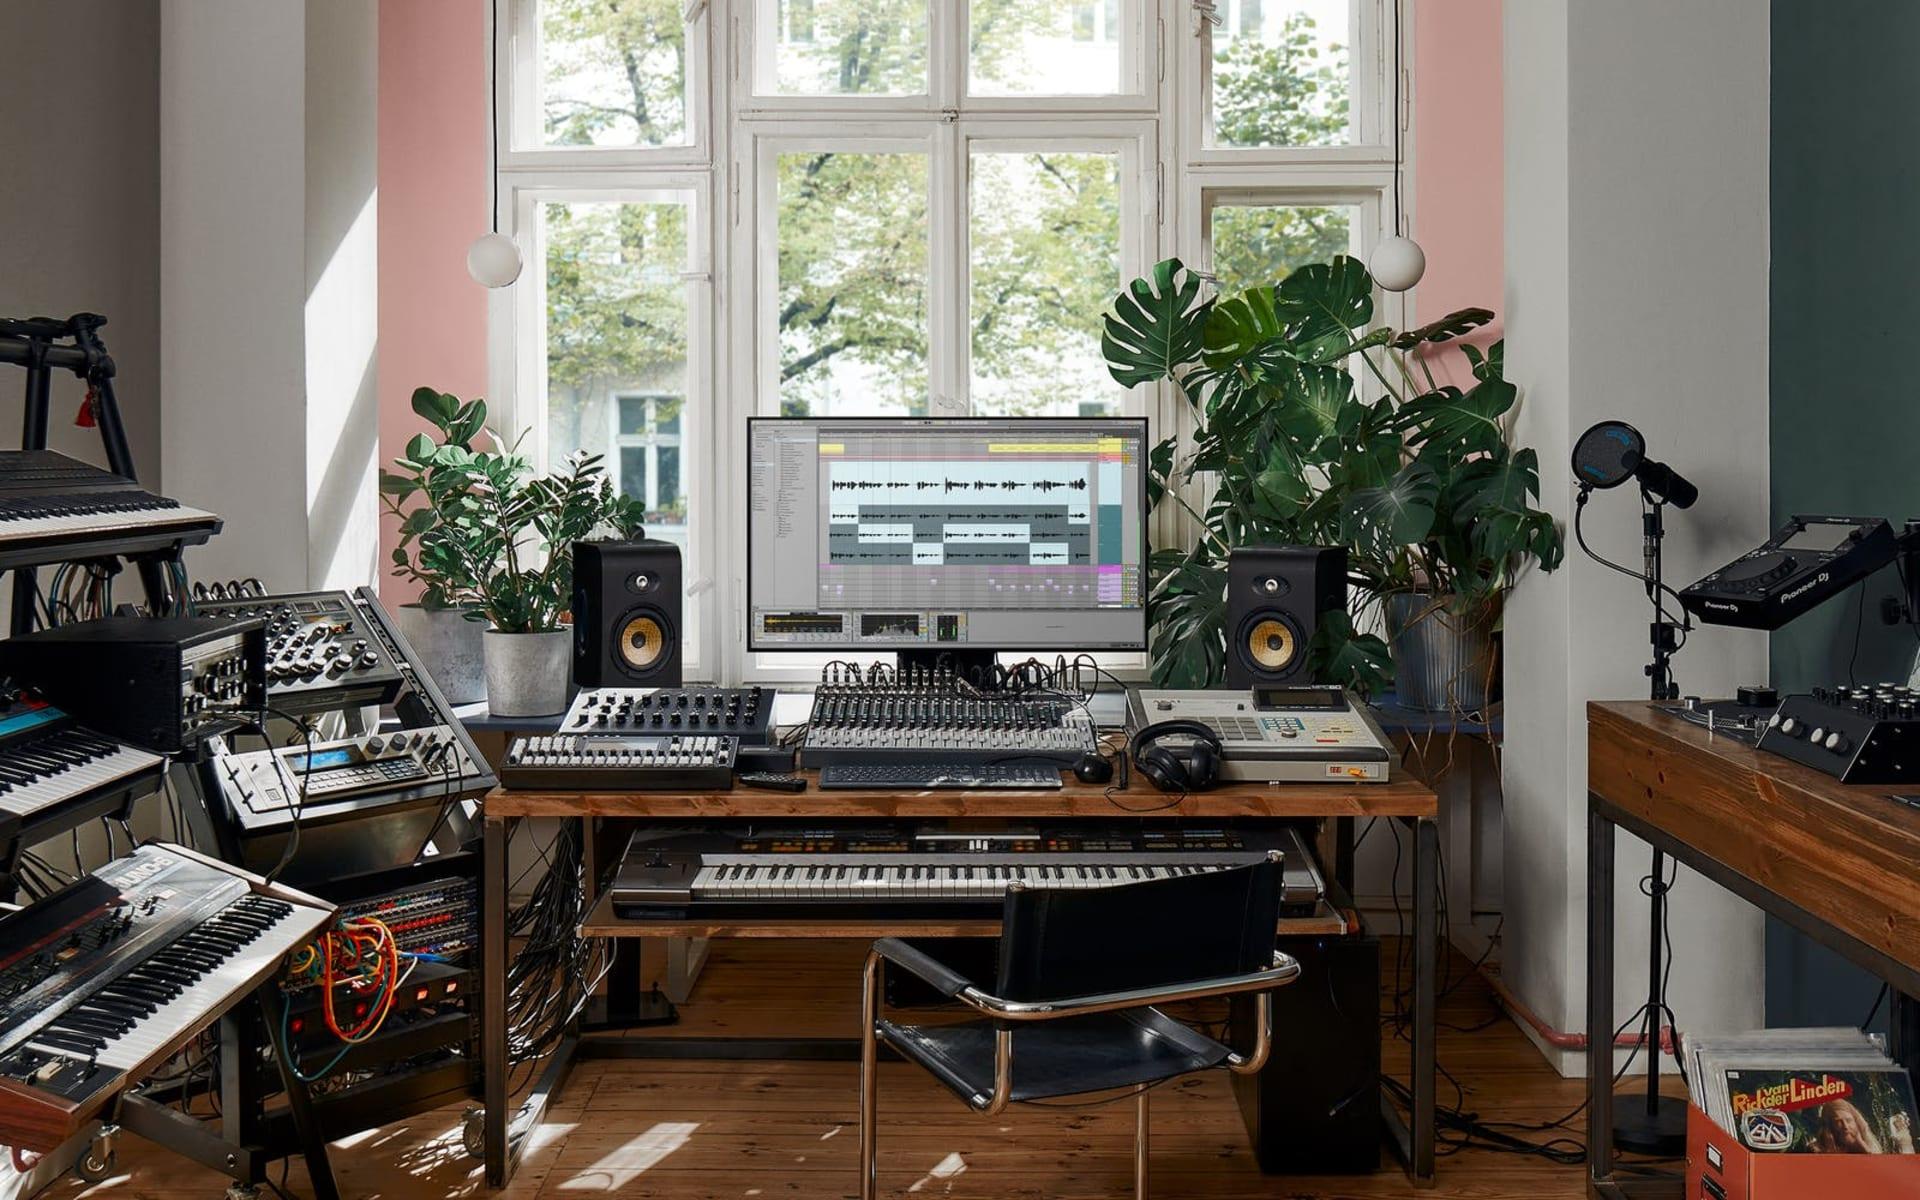 Foto: ableton.com